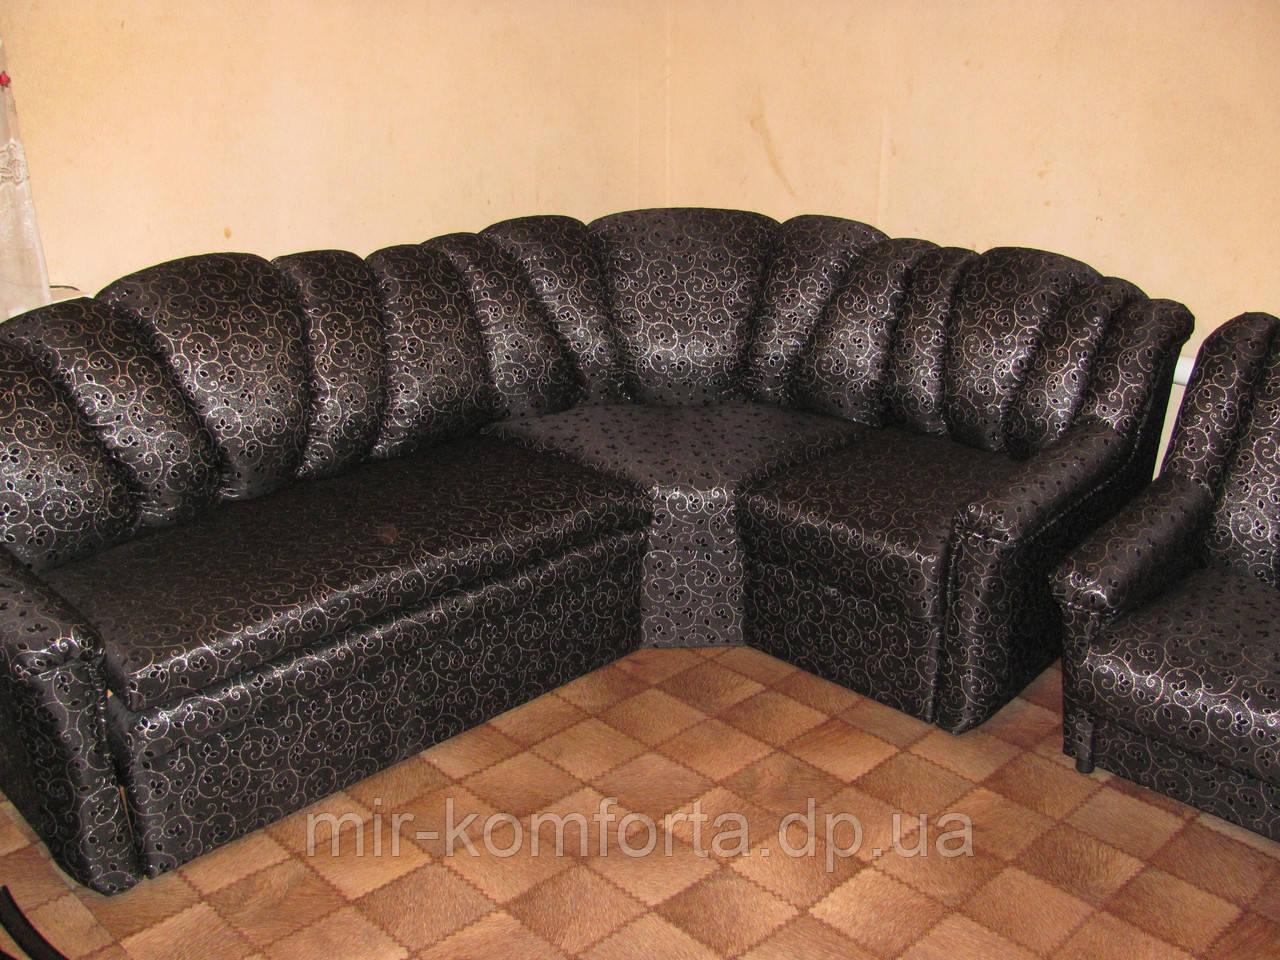 перетяжка углового дивана в днепре цена 1 500 грн заказать в